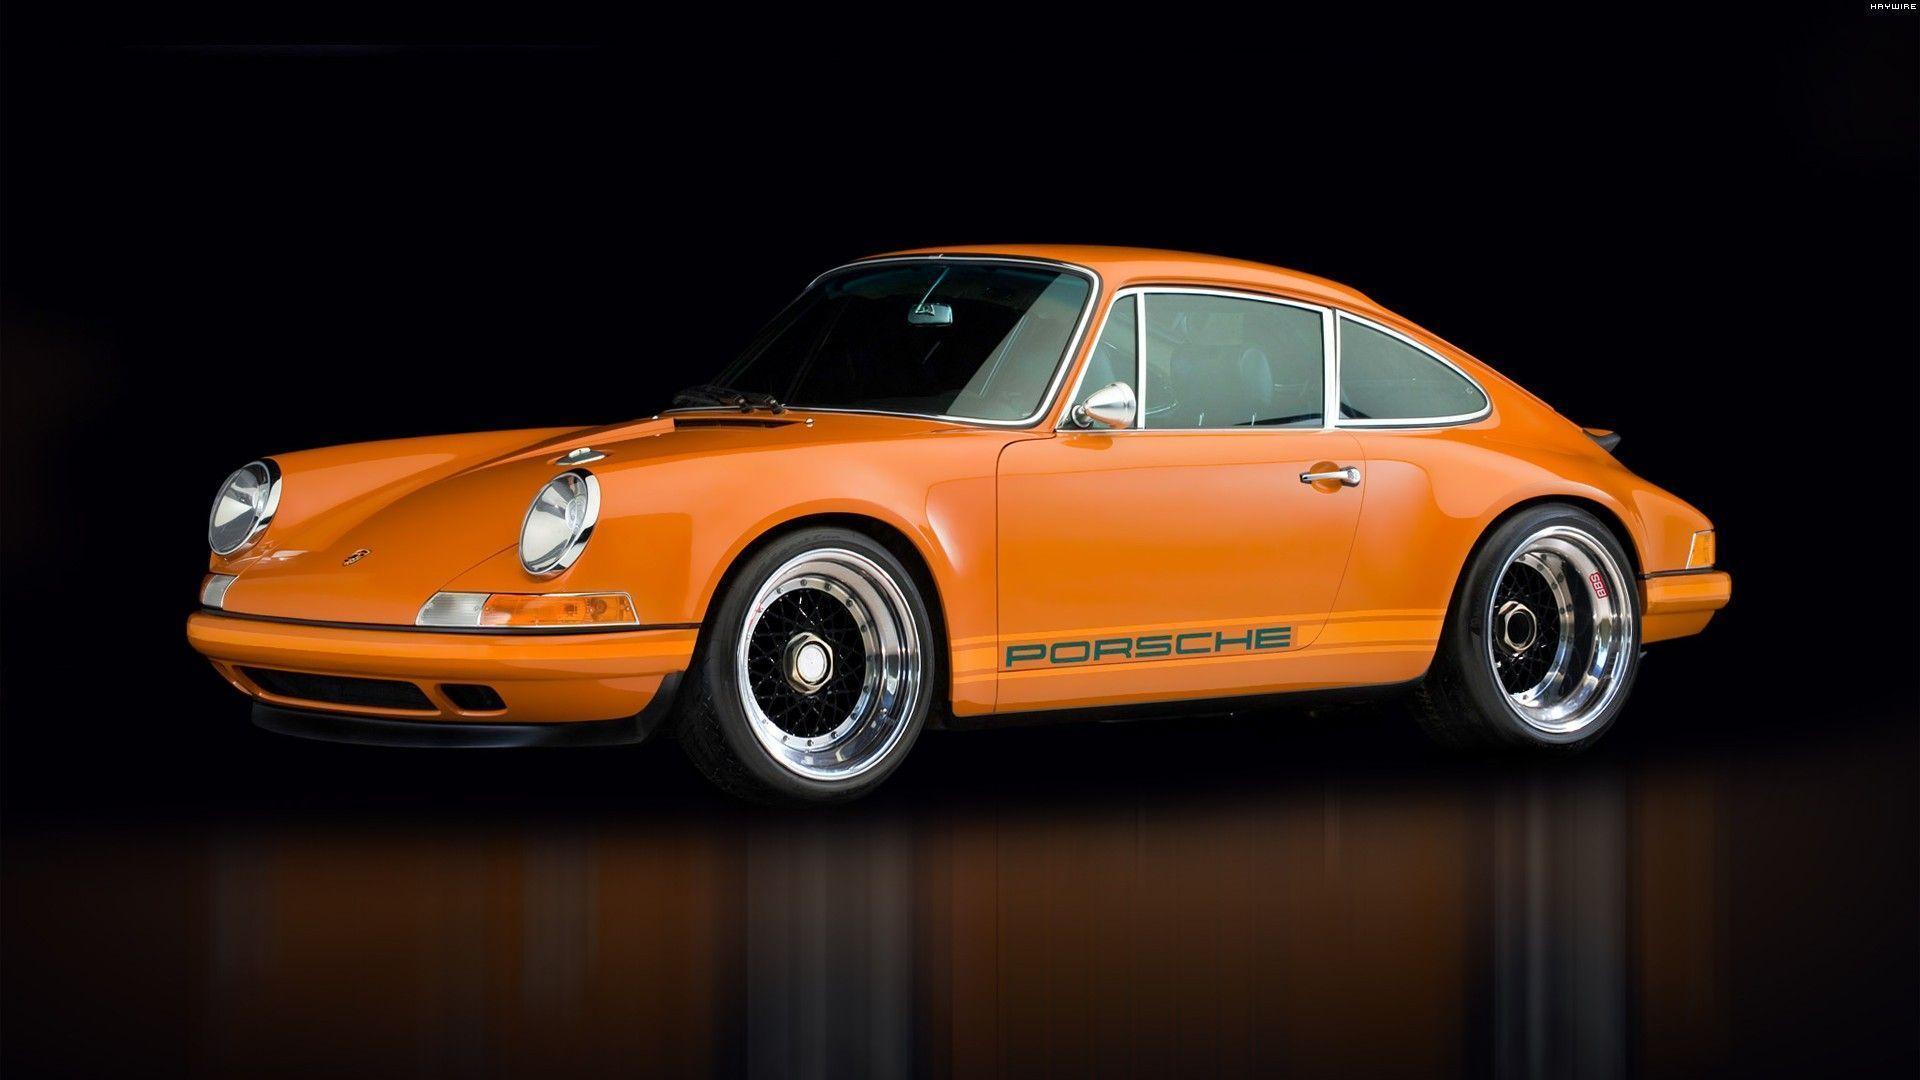 Classic Porsche Wallpapers Top Free Classic Porsche Backgrounds Wallpaperaccess